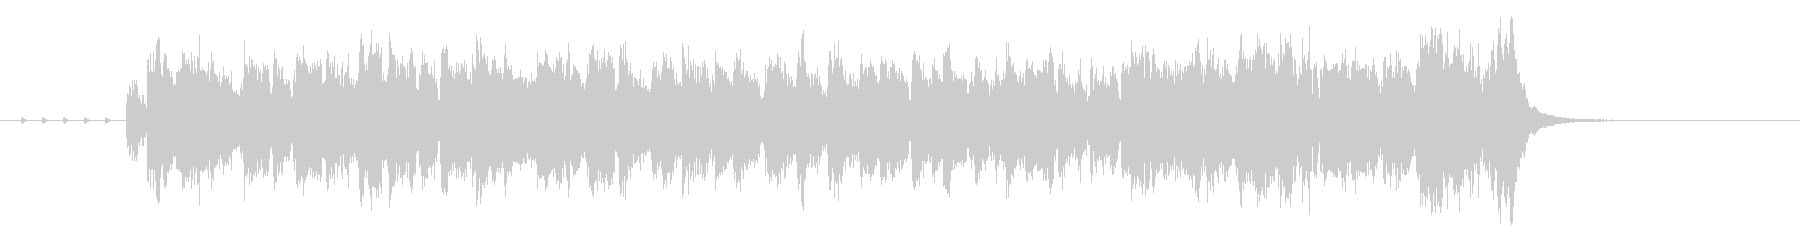 イカすブラスセクションのラテンジングルの未再生の波形